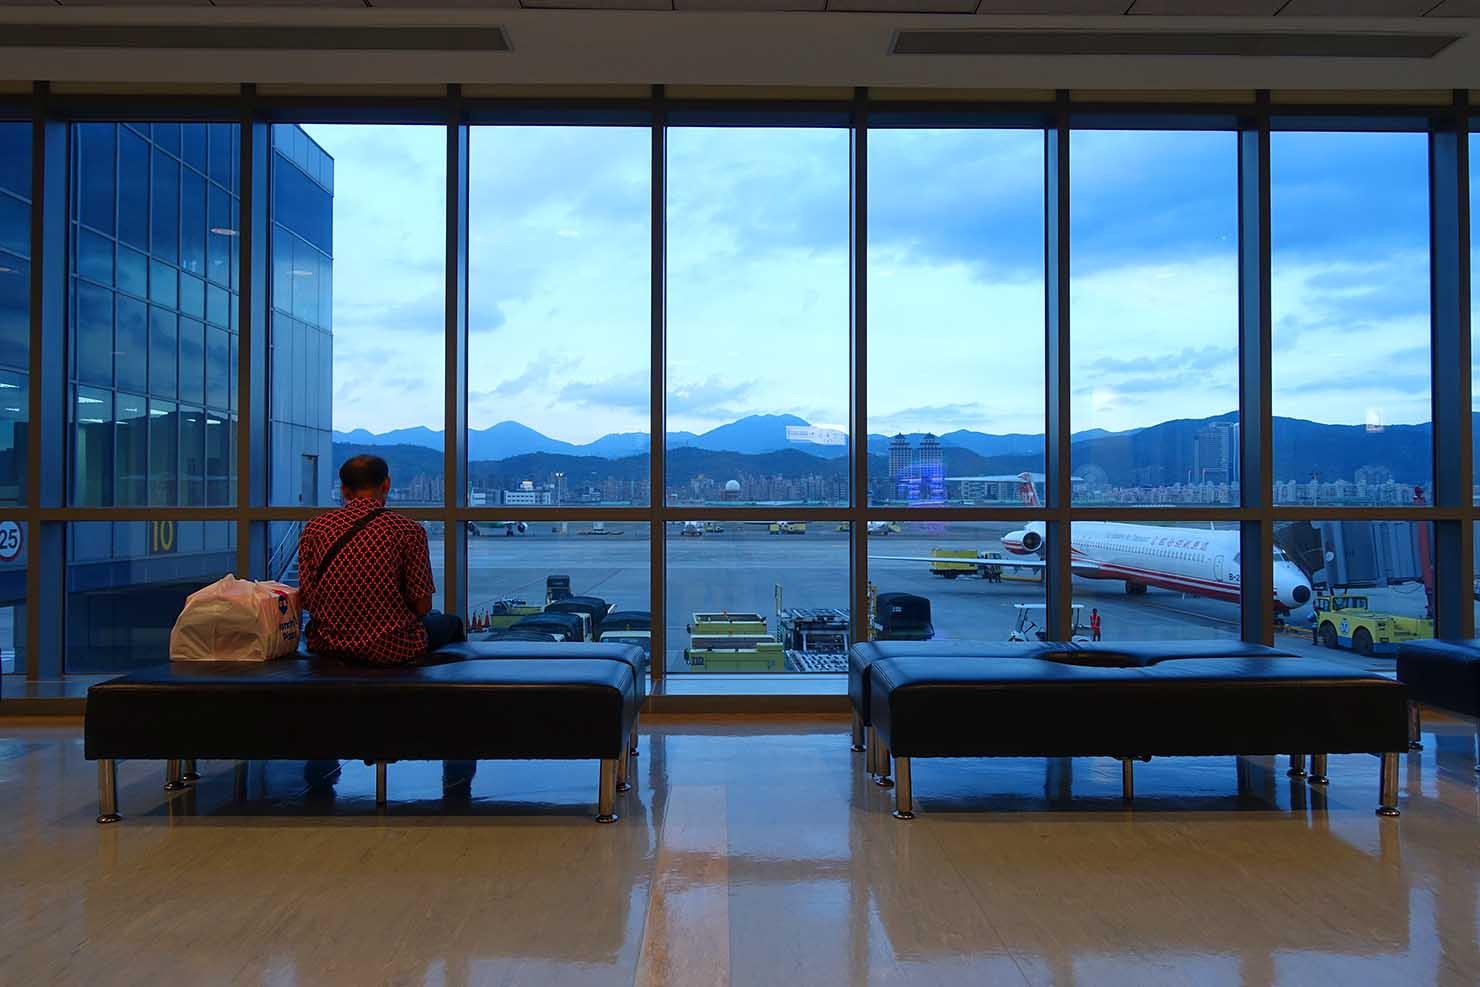 台北・松山空港国内線出発ロビーから眺める滑走路